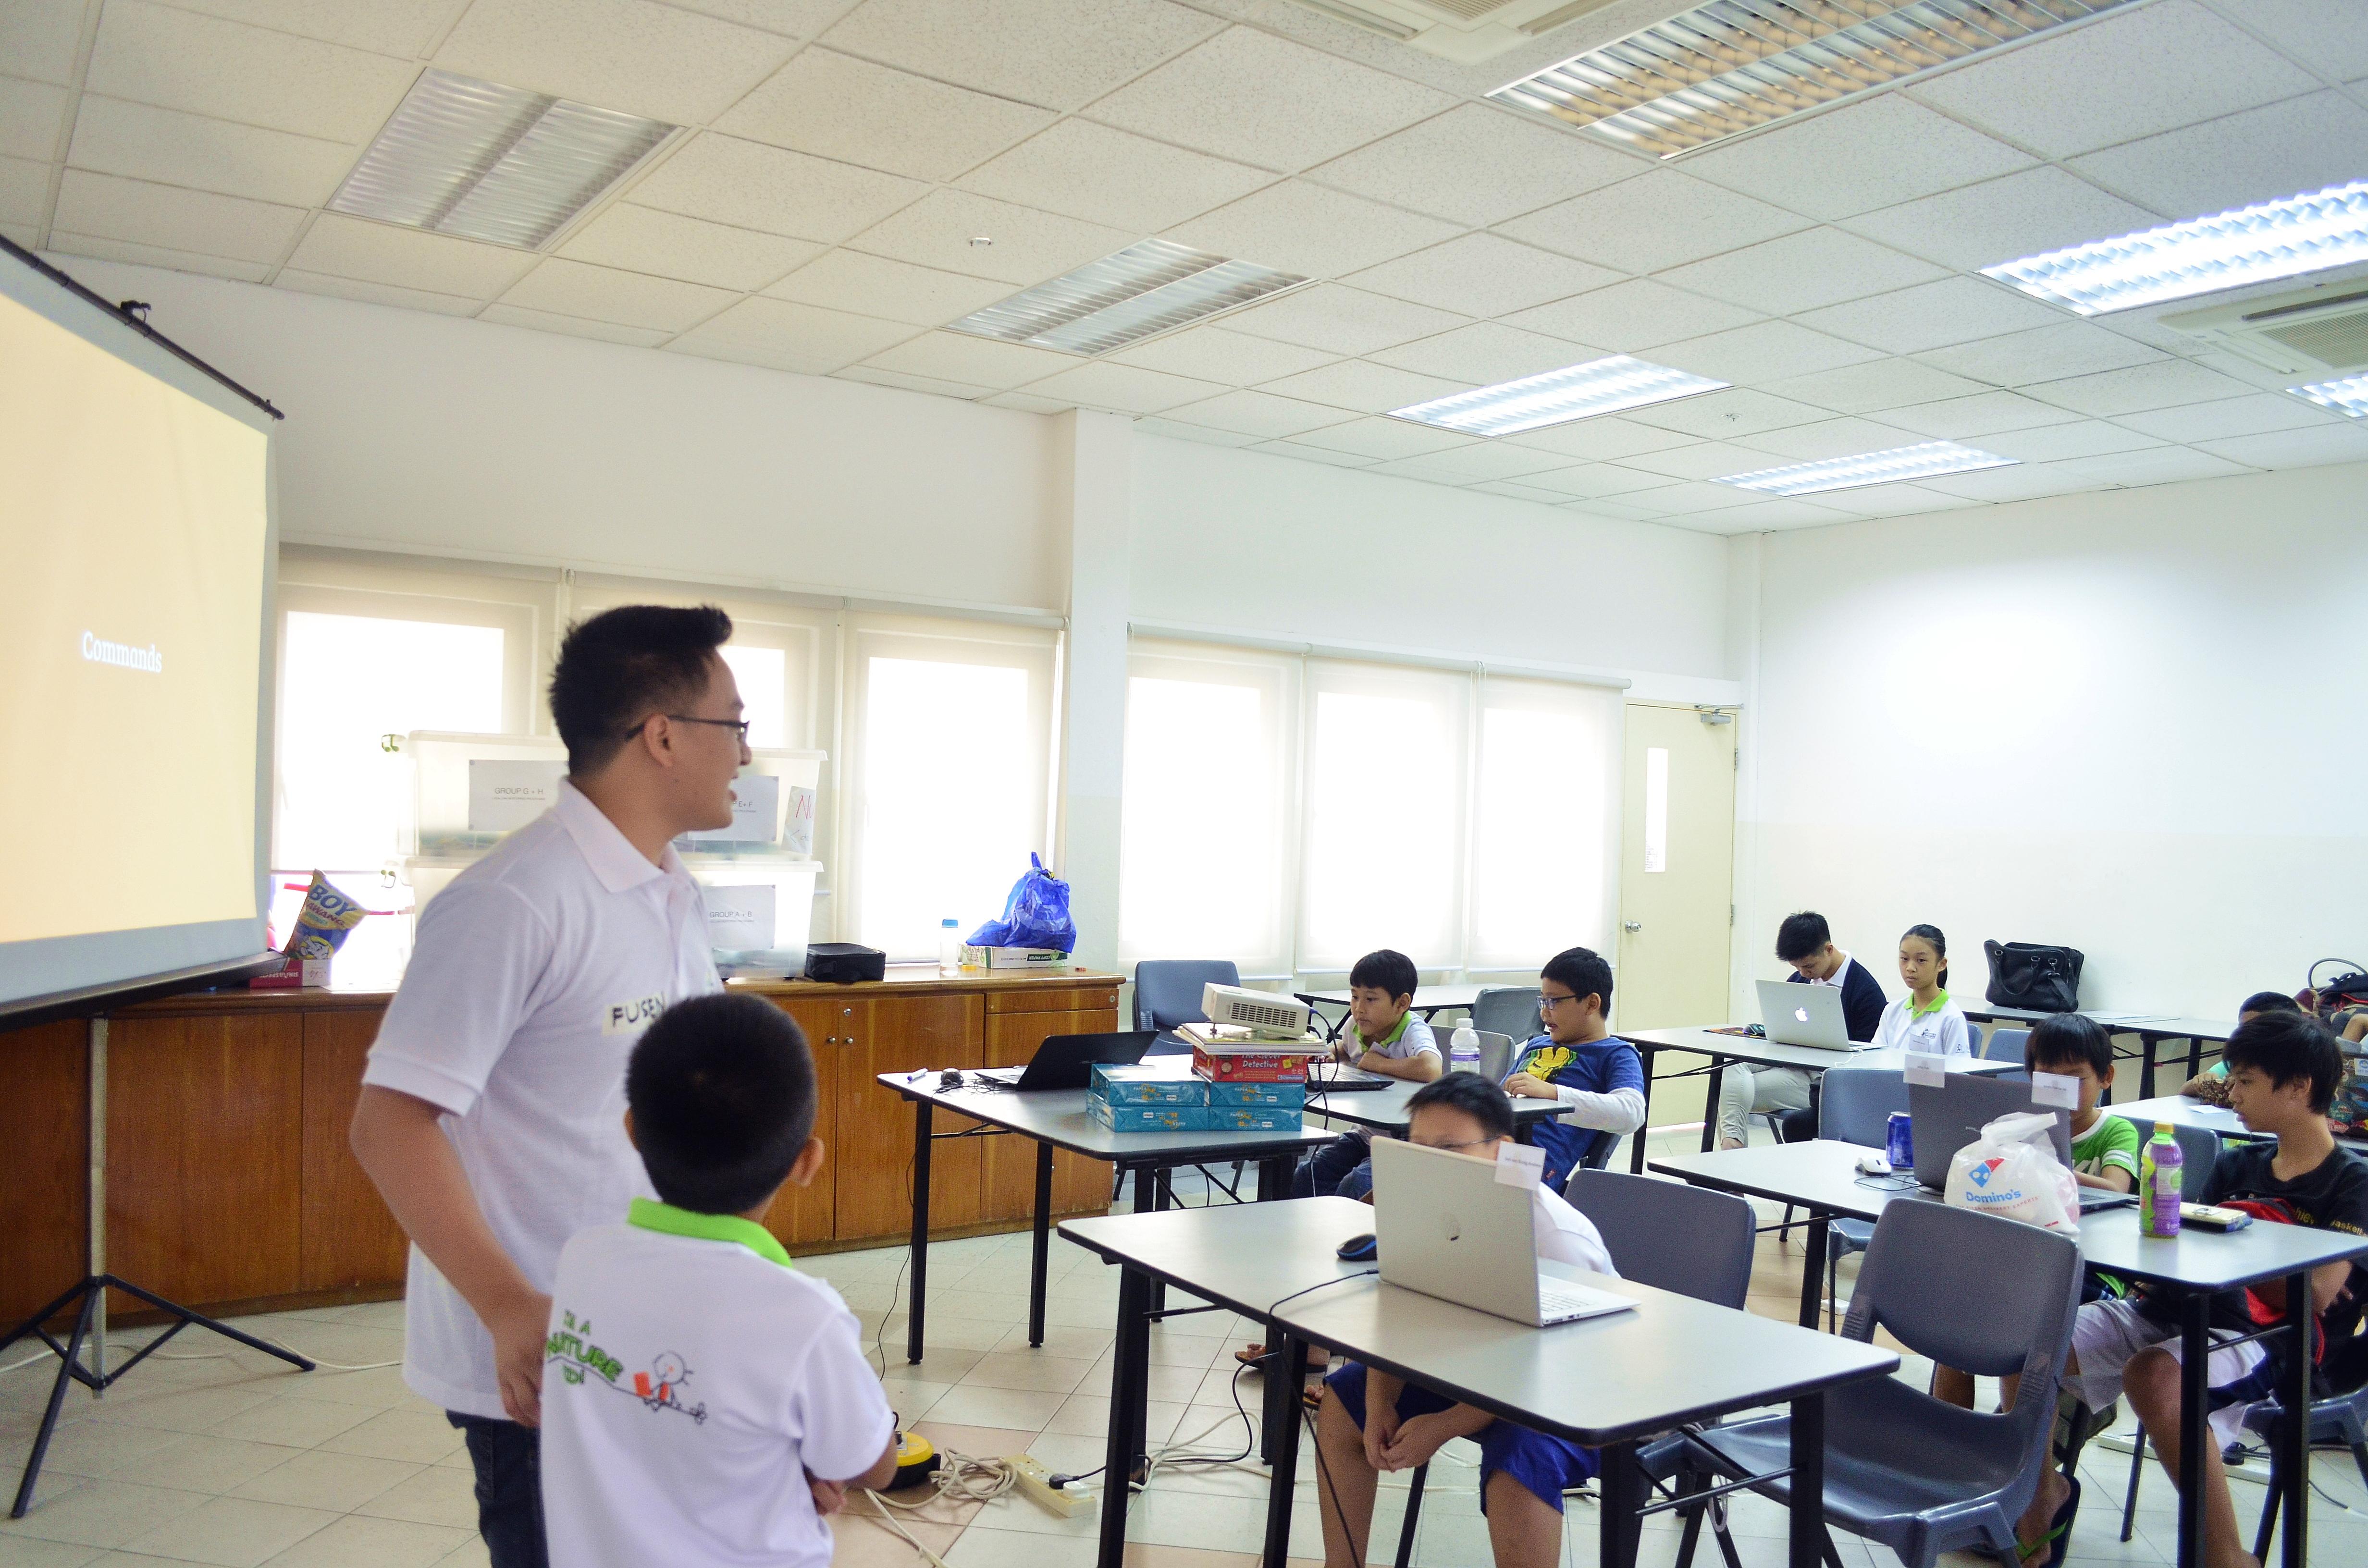 fusen teaching 2